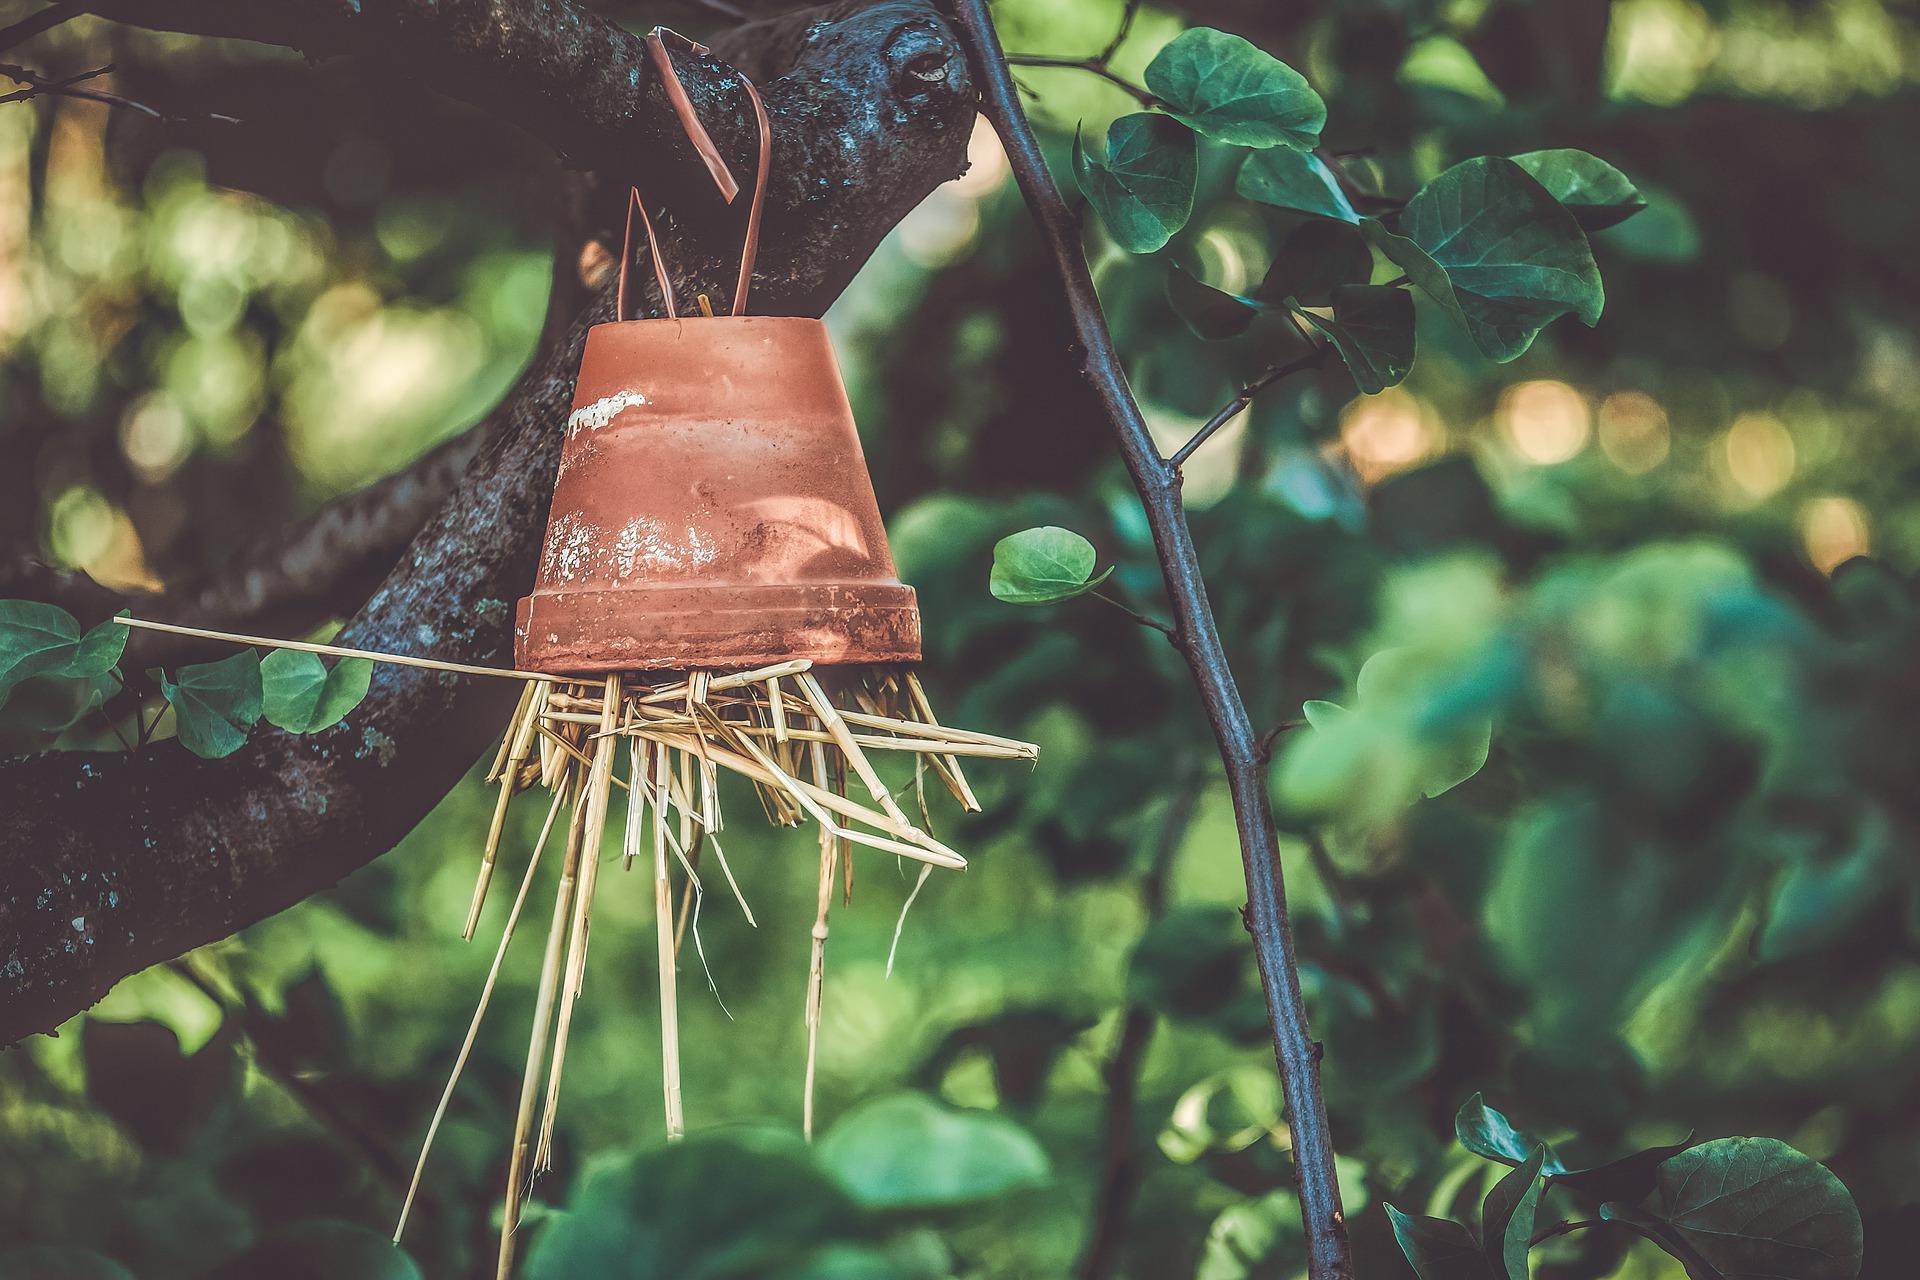 FERIENSPASSAKTION mit dem BUND: Insektenquartier zum Aufhängen